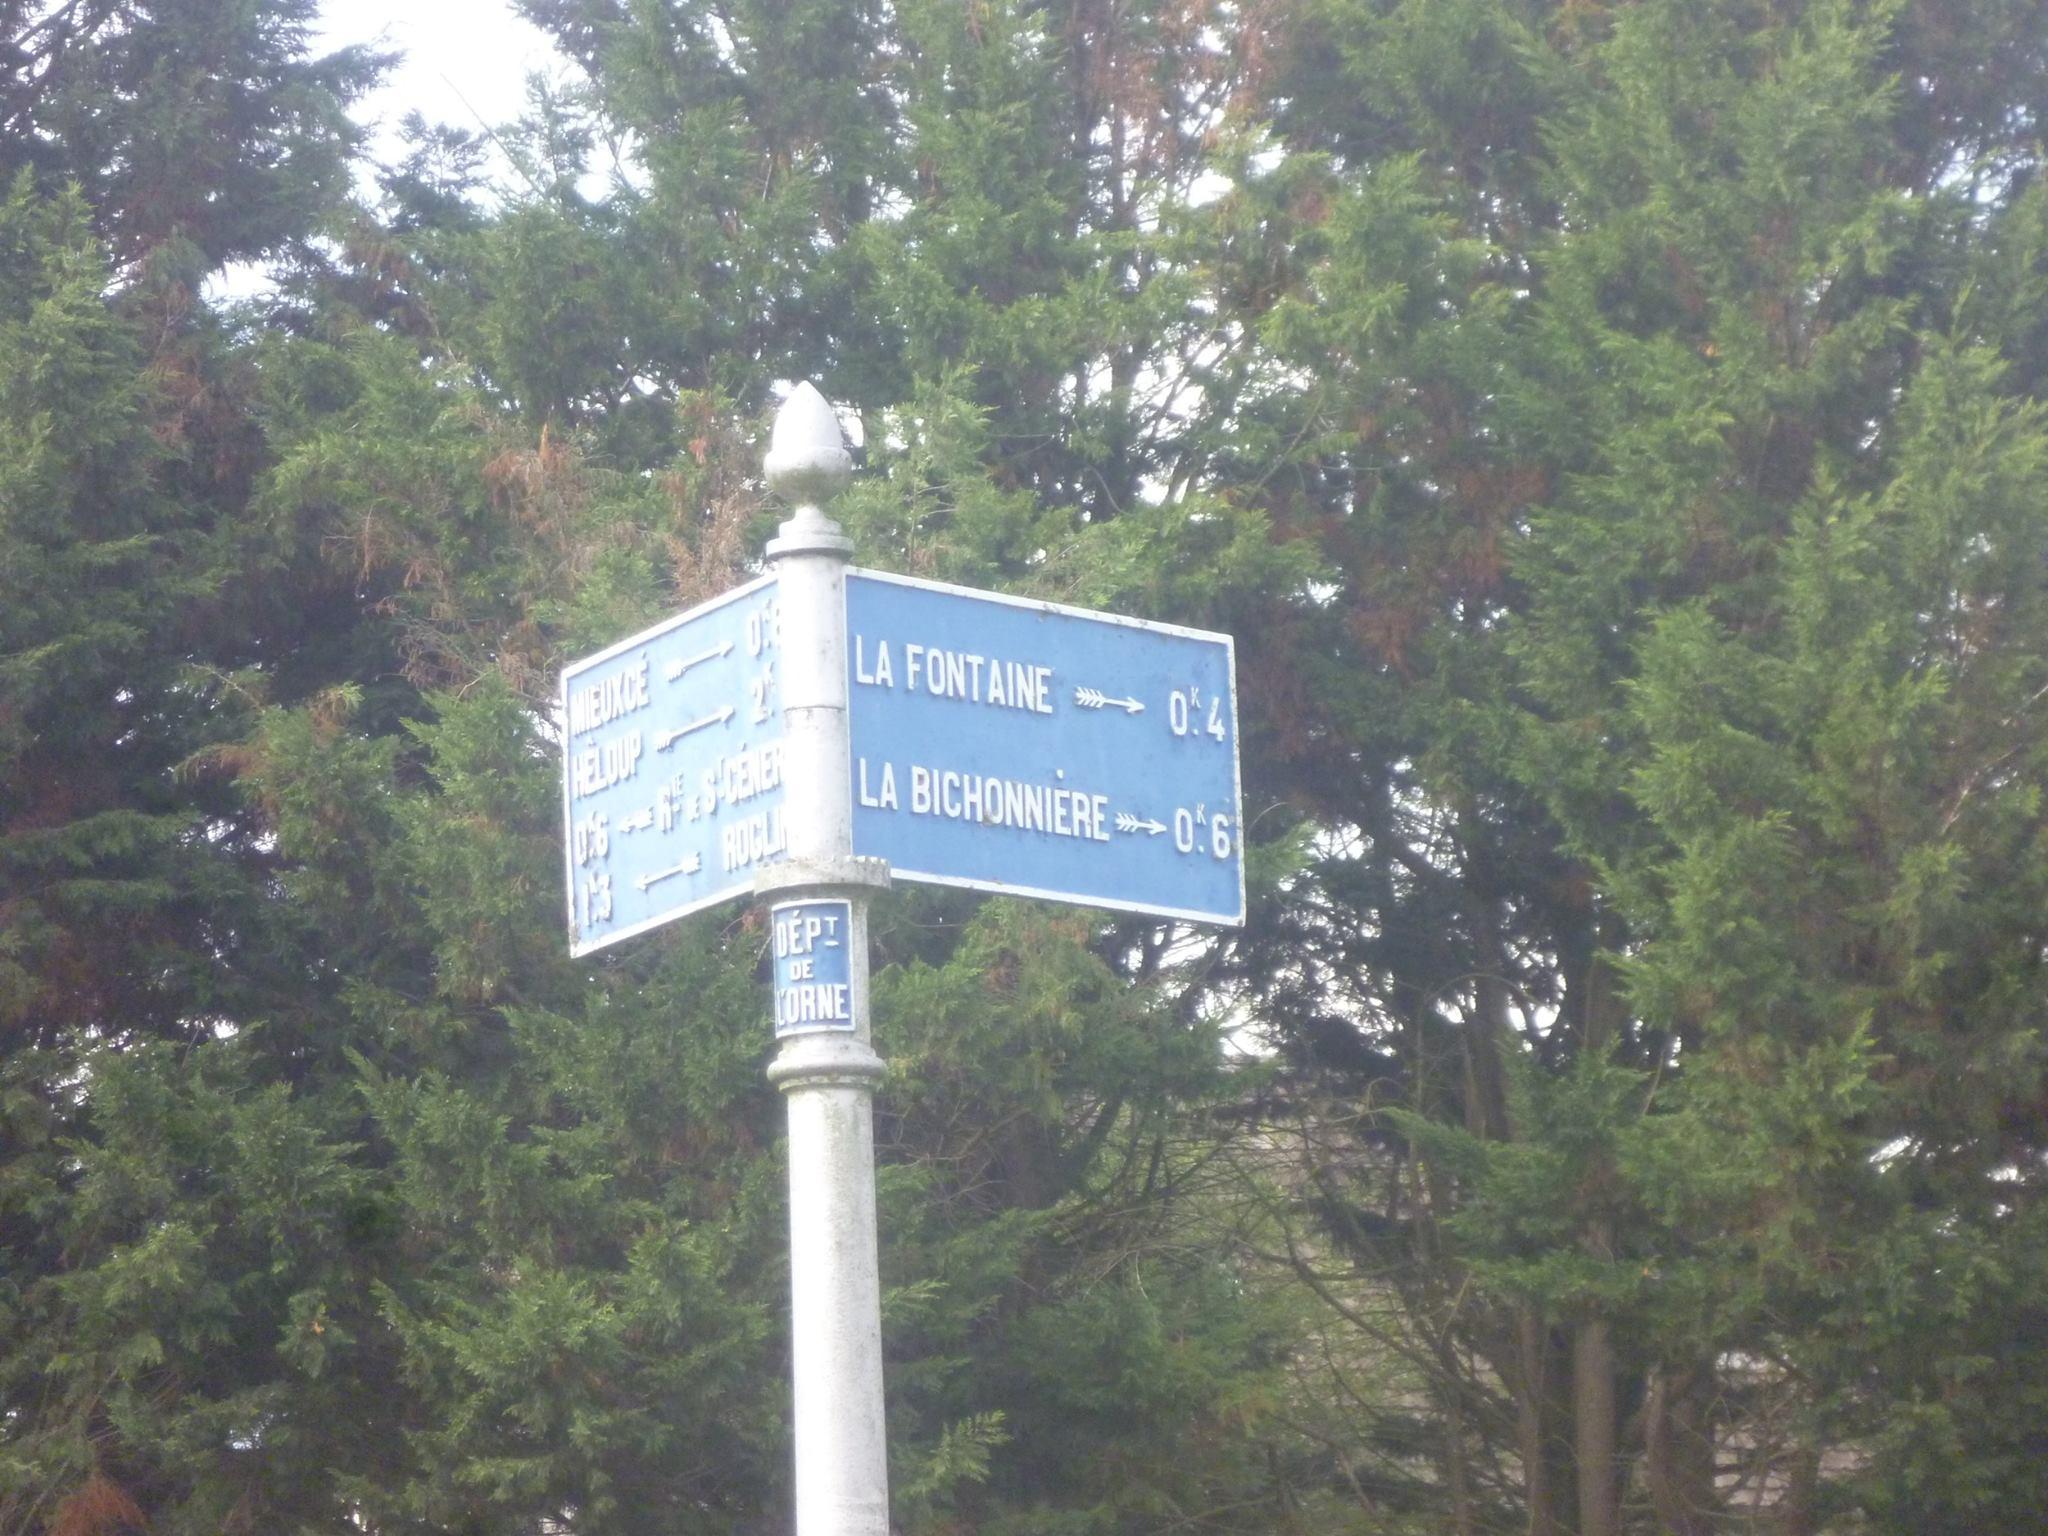 Zone 61 - Mieuxcé - Plaque de cocher - La Fontaine - La Bichonnière (Gwéna Tireau)